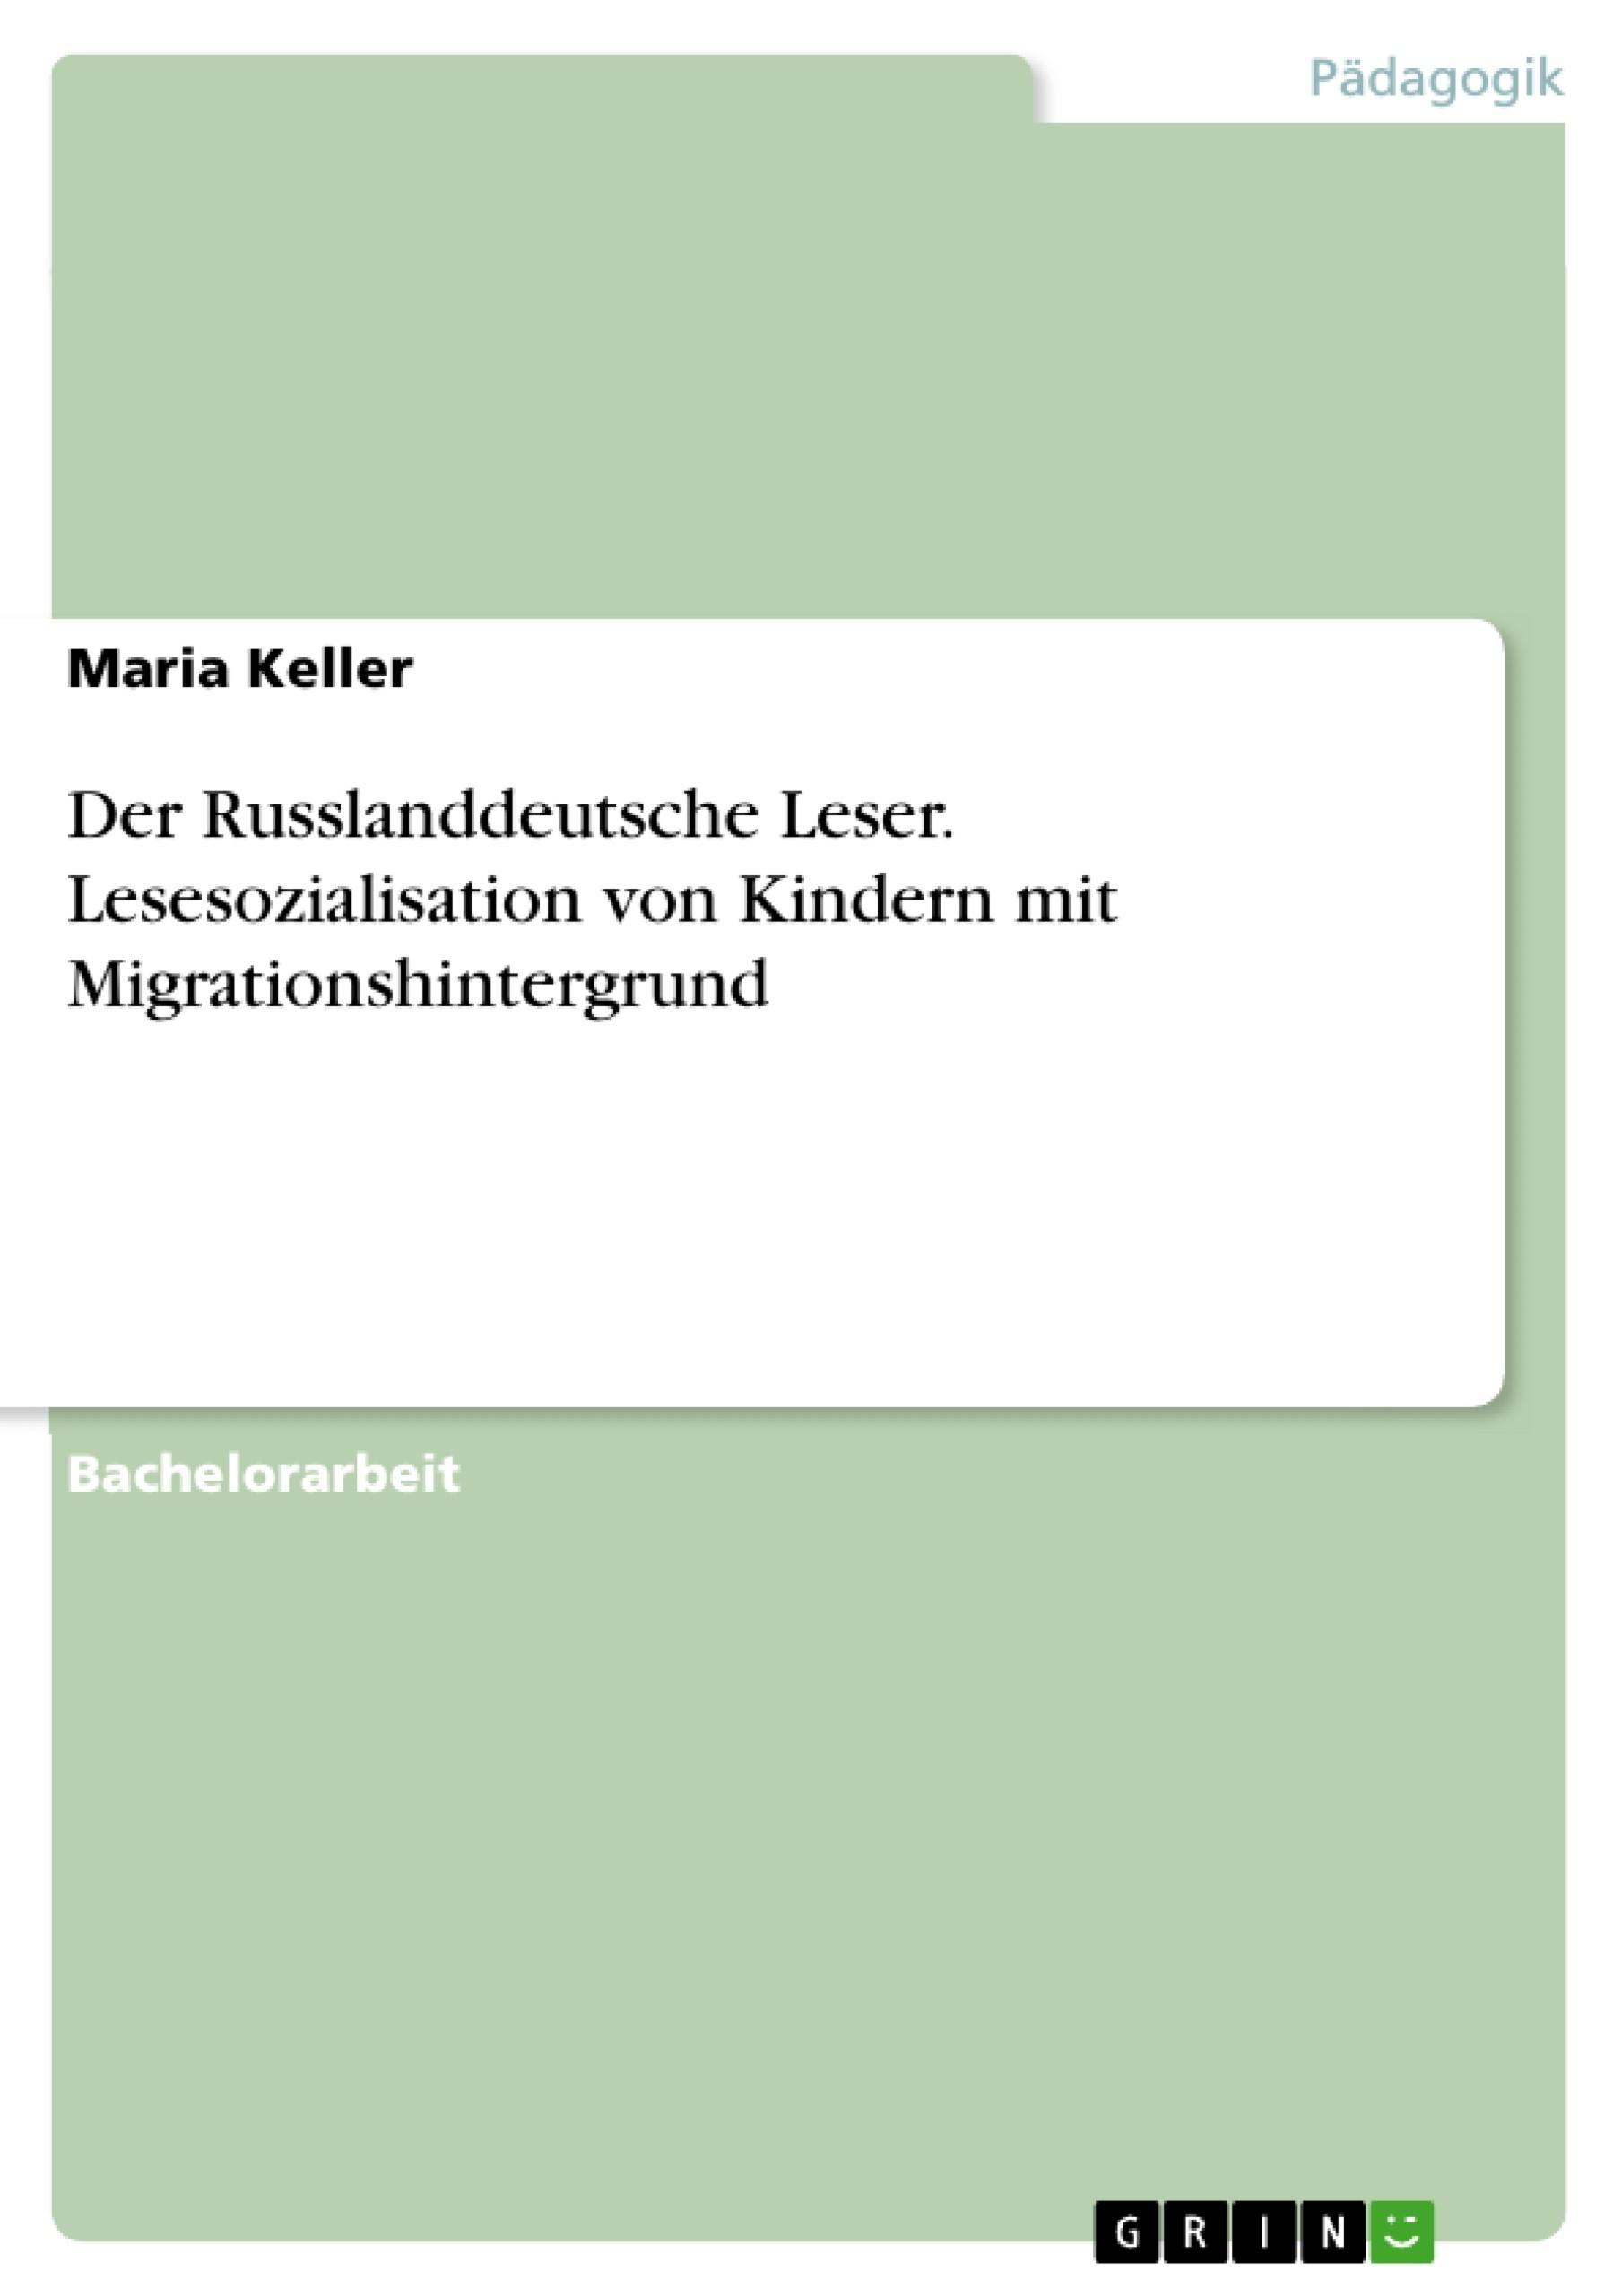 Titel: Der Russlanddeutsche Leser. Lesesozialisation von Kindern mit Migrationshintergrund